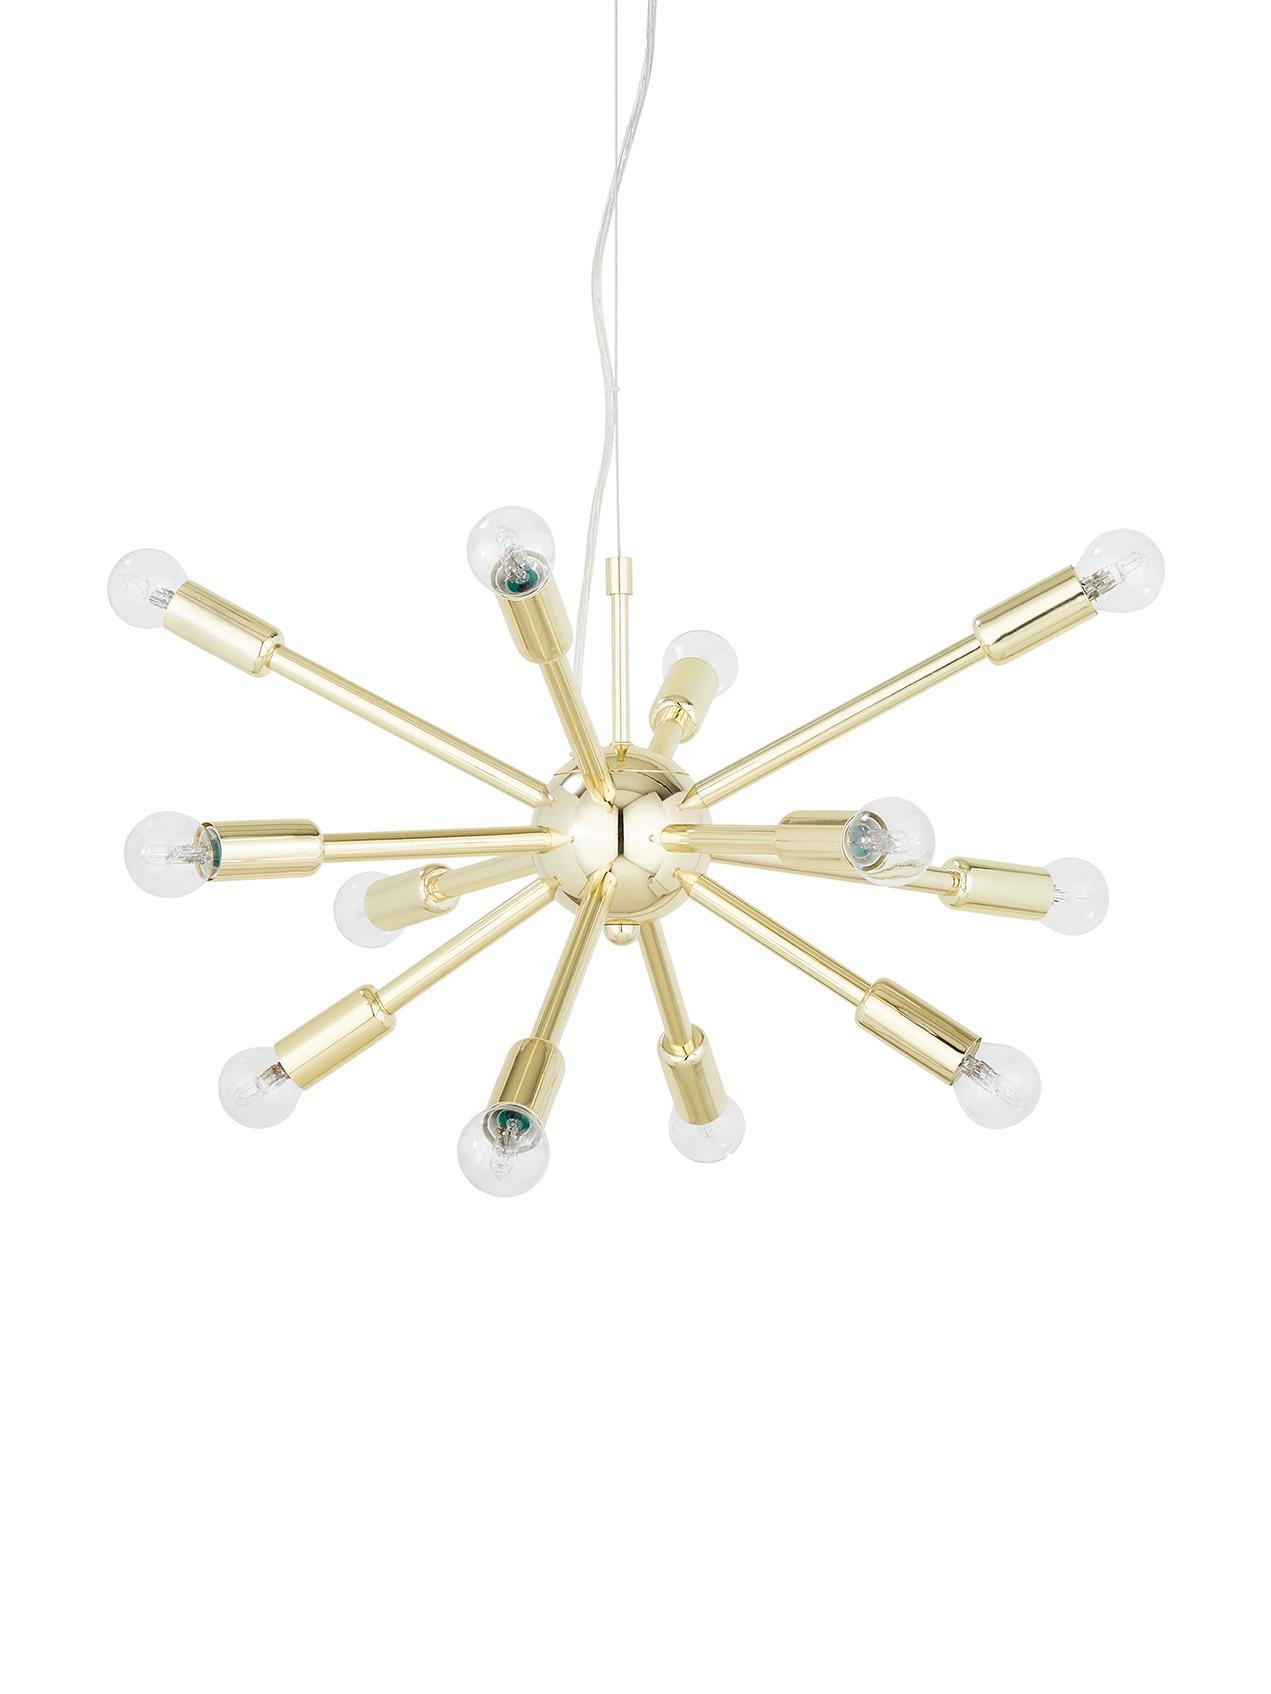 Hanglamp Spike goudkleurig, Baldakijn: vermessingd metaal, Lampenkap: vermessingd metaal, Baldakijn: glanzend goudkleurig. Lampenkap: glanzend goudkleurig, Ø 50 cm